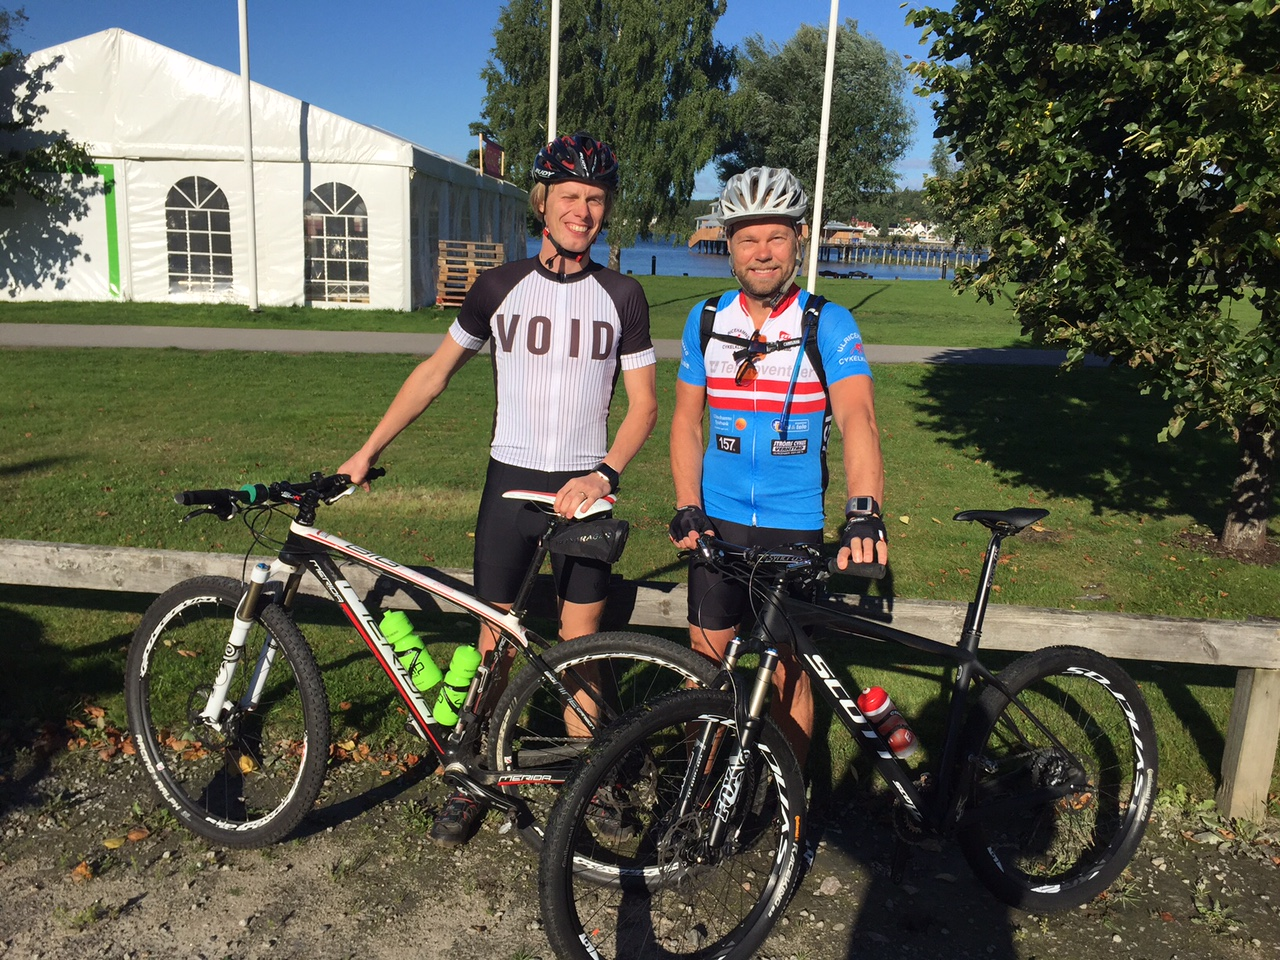 vilka dejtingsidor är gratis Umeå